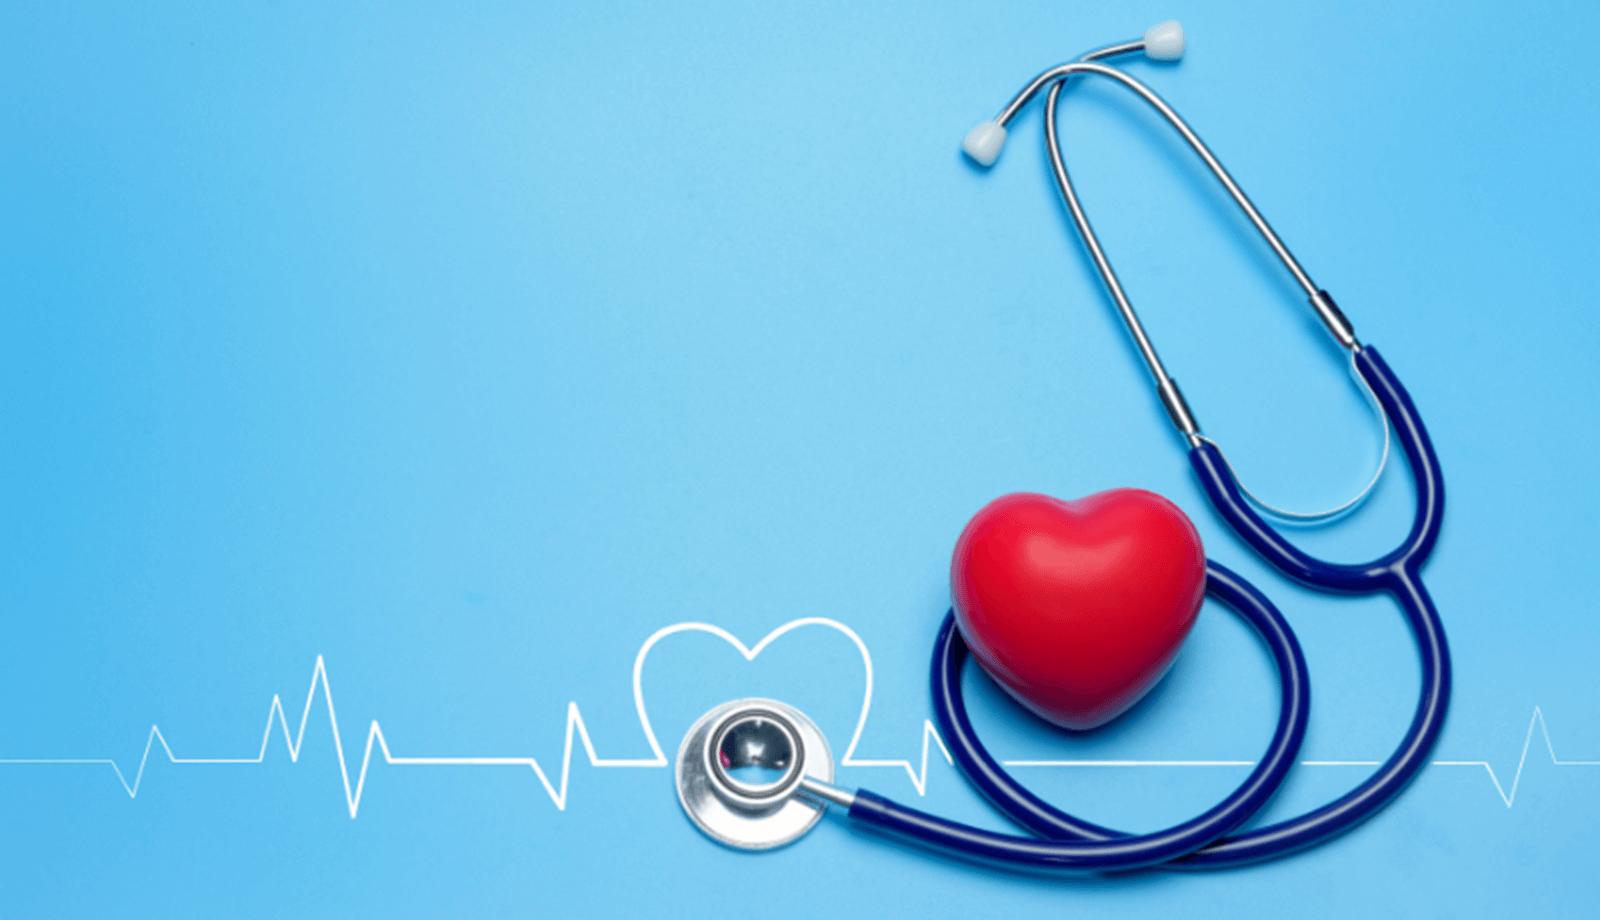 Aneurysma ruptura - Életet veszélyeztető súlyos állapot